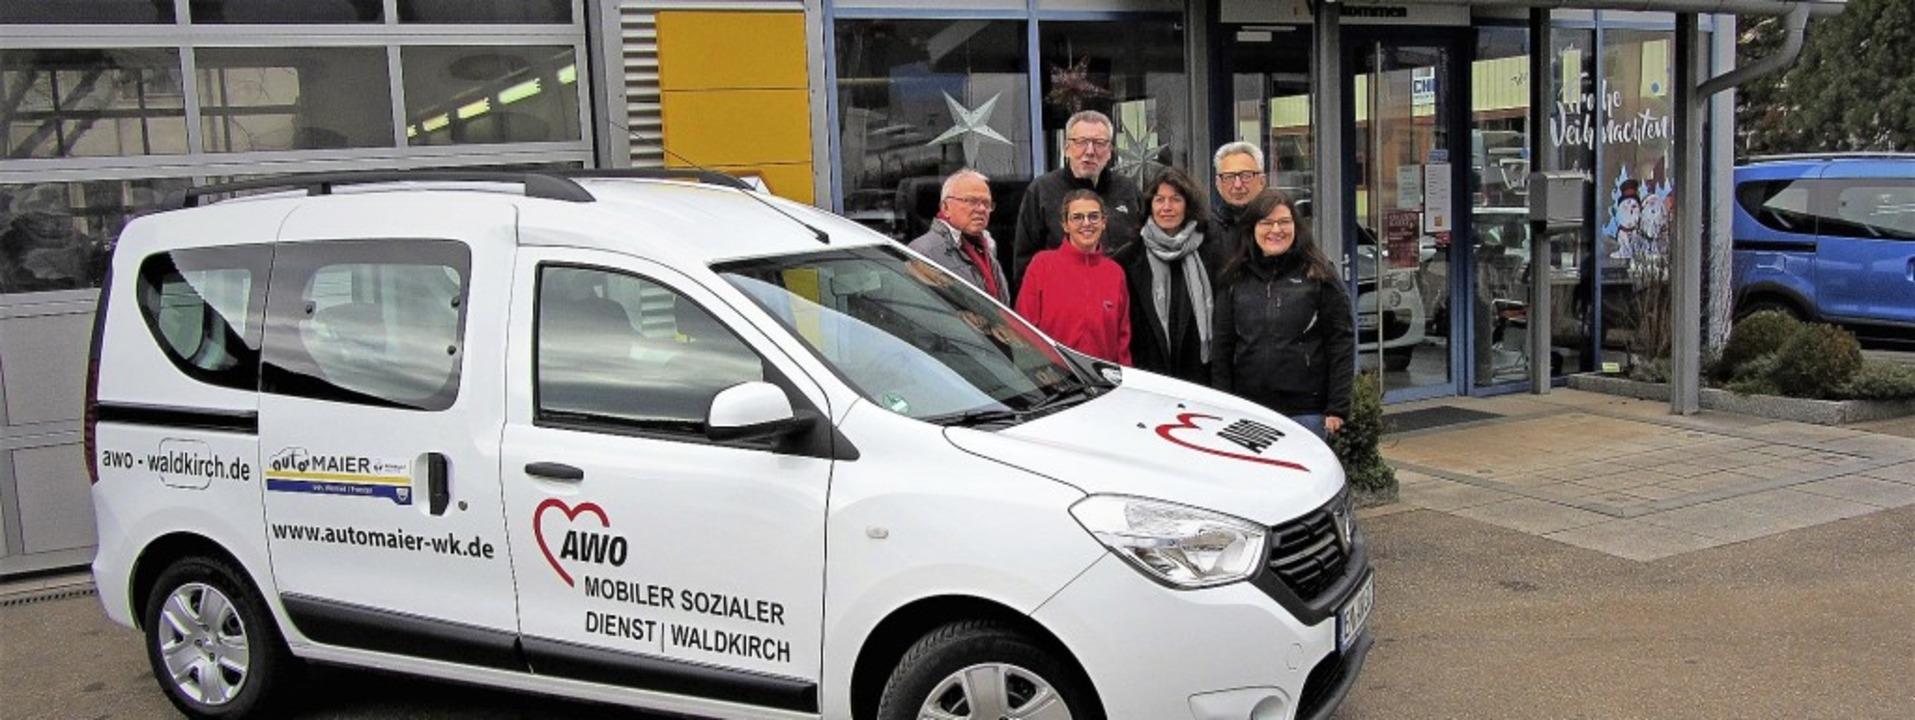 Sie freuen sich: Martin Schamotzki, Be...Julia Wernet (von links nach rechts).   | Foto: Privat